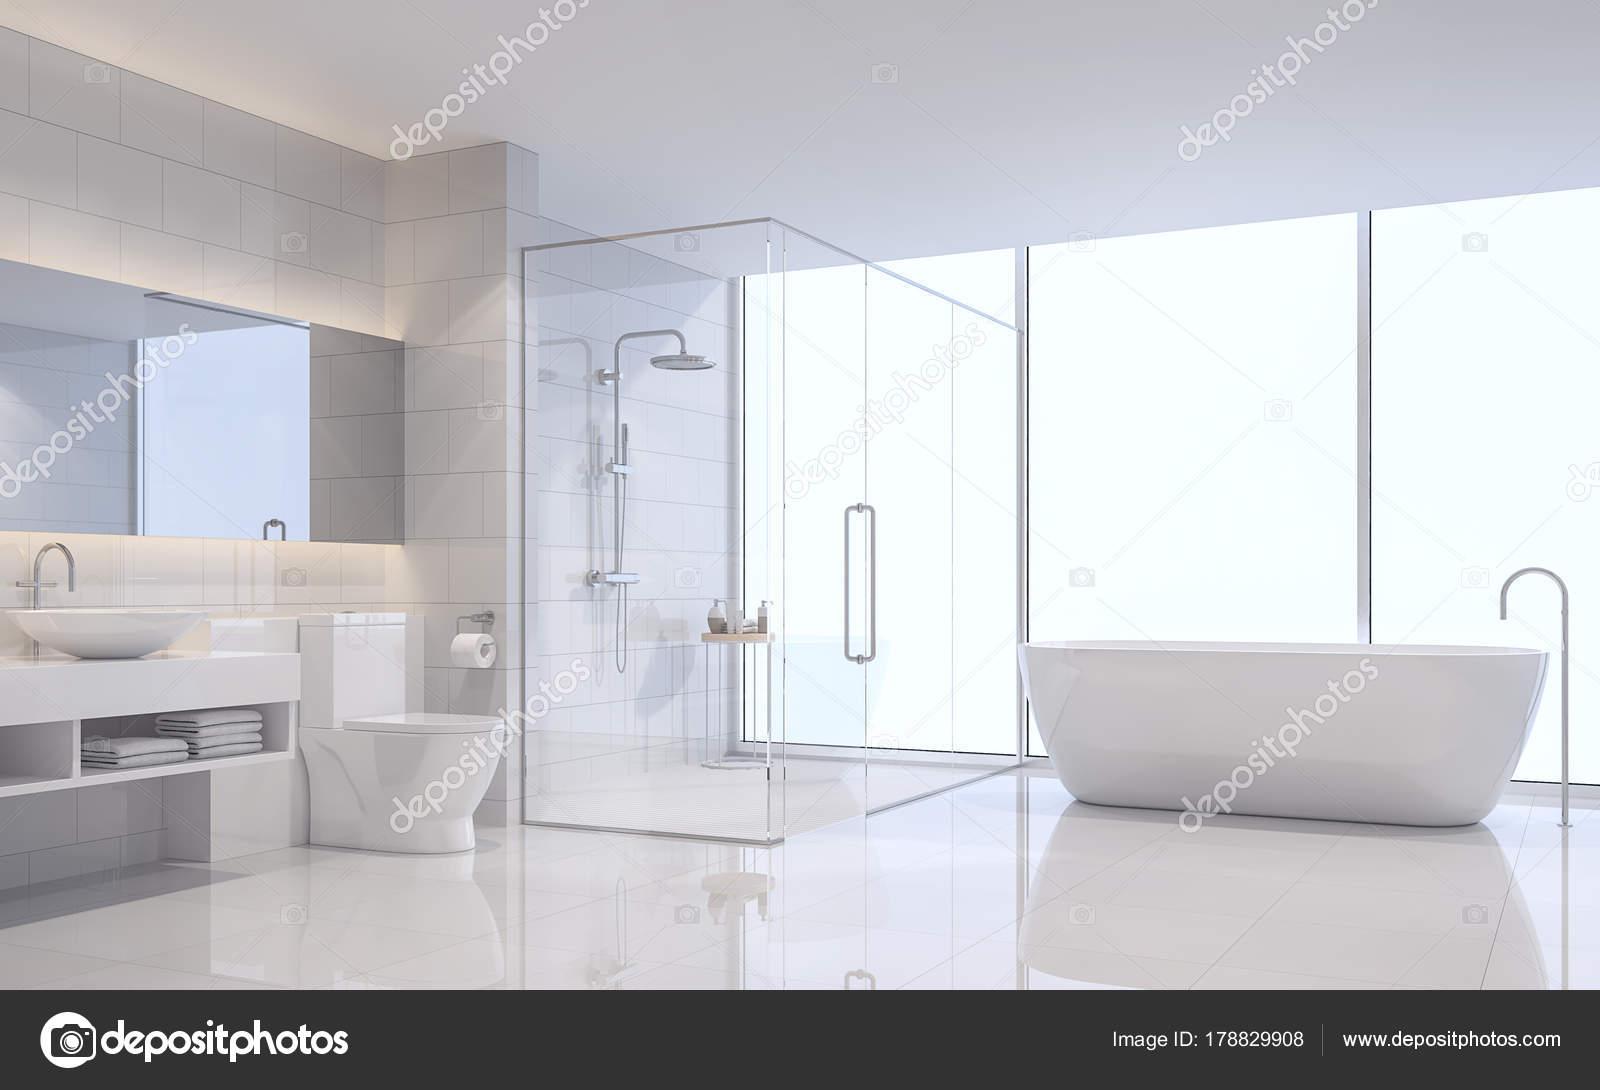 Moderne Witte Badkamer : Moderne witte badkamer rendering beeld zijn witte tegel wand vloer